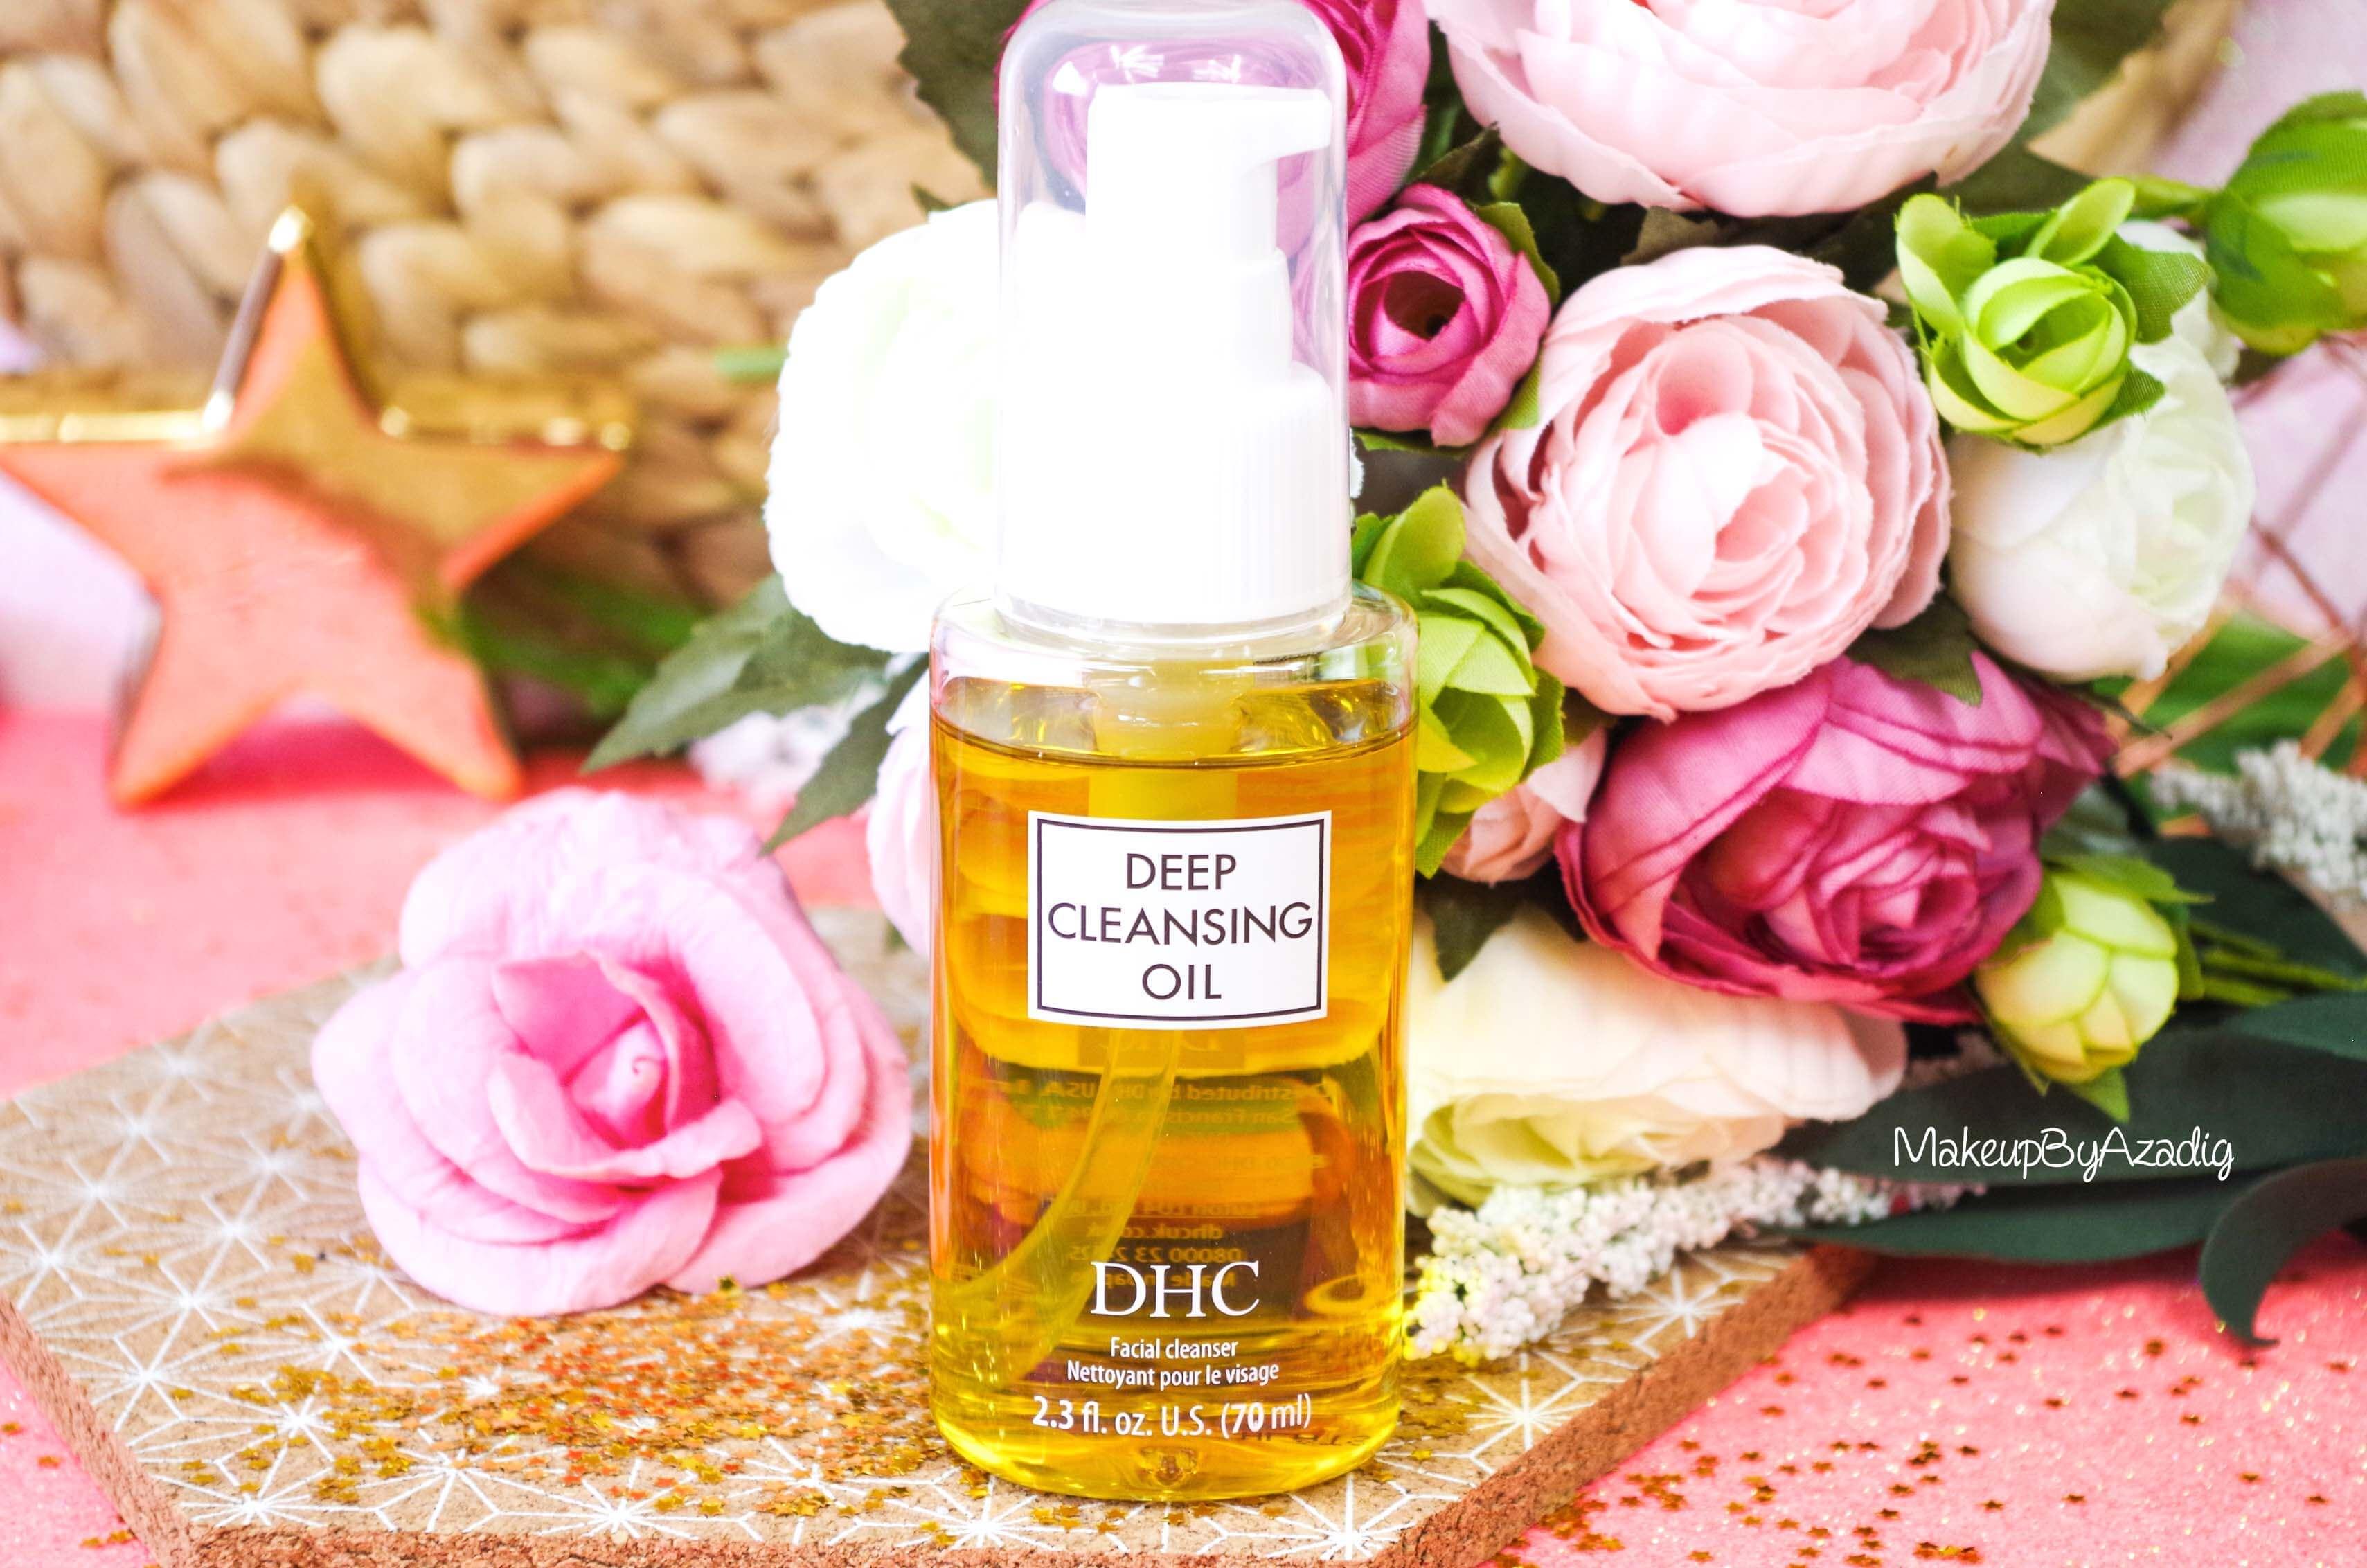 revue-review-huile-demaquillante-deep-cleansing-oil-dhc-meilleure-avis-prix-nocibe-monoprix-makeupbyazadig-miniature